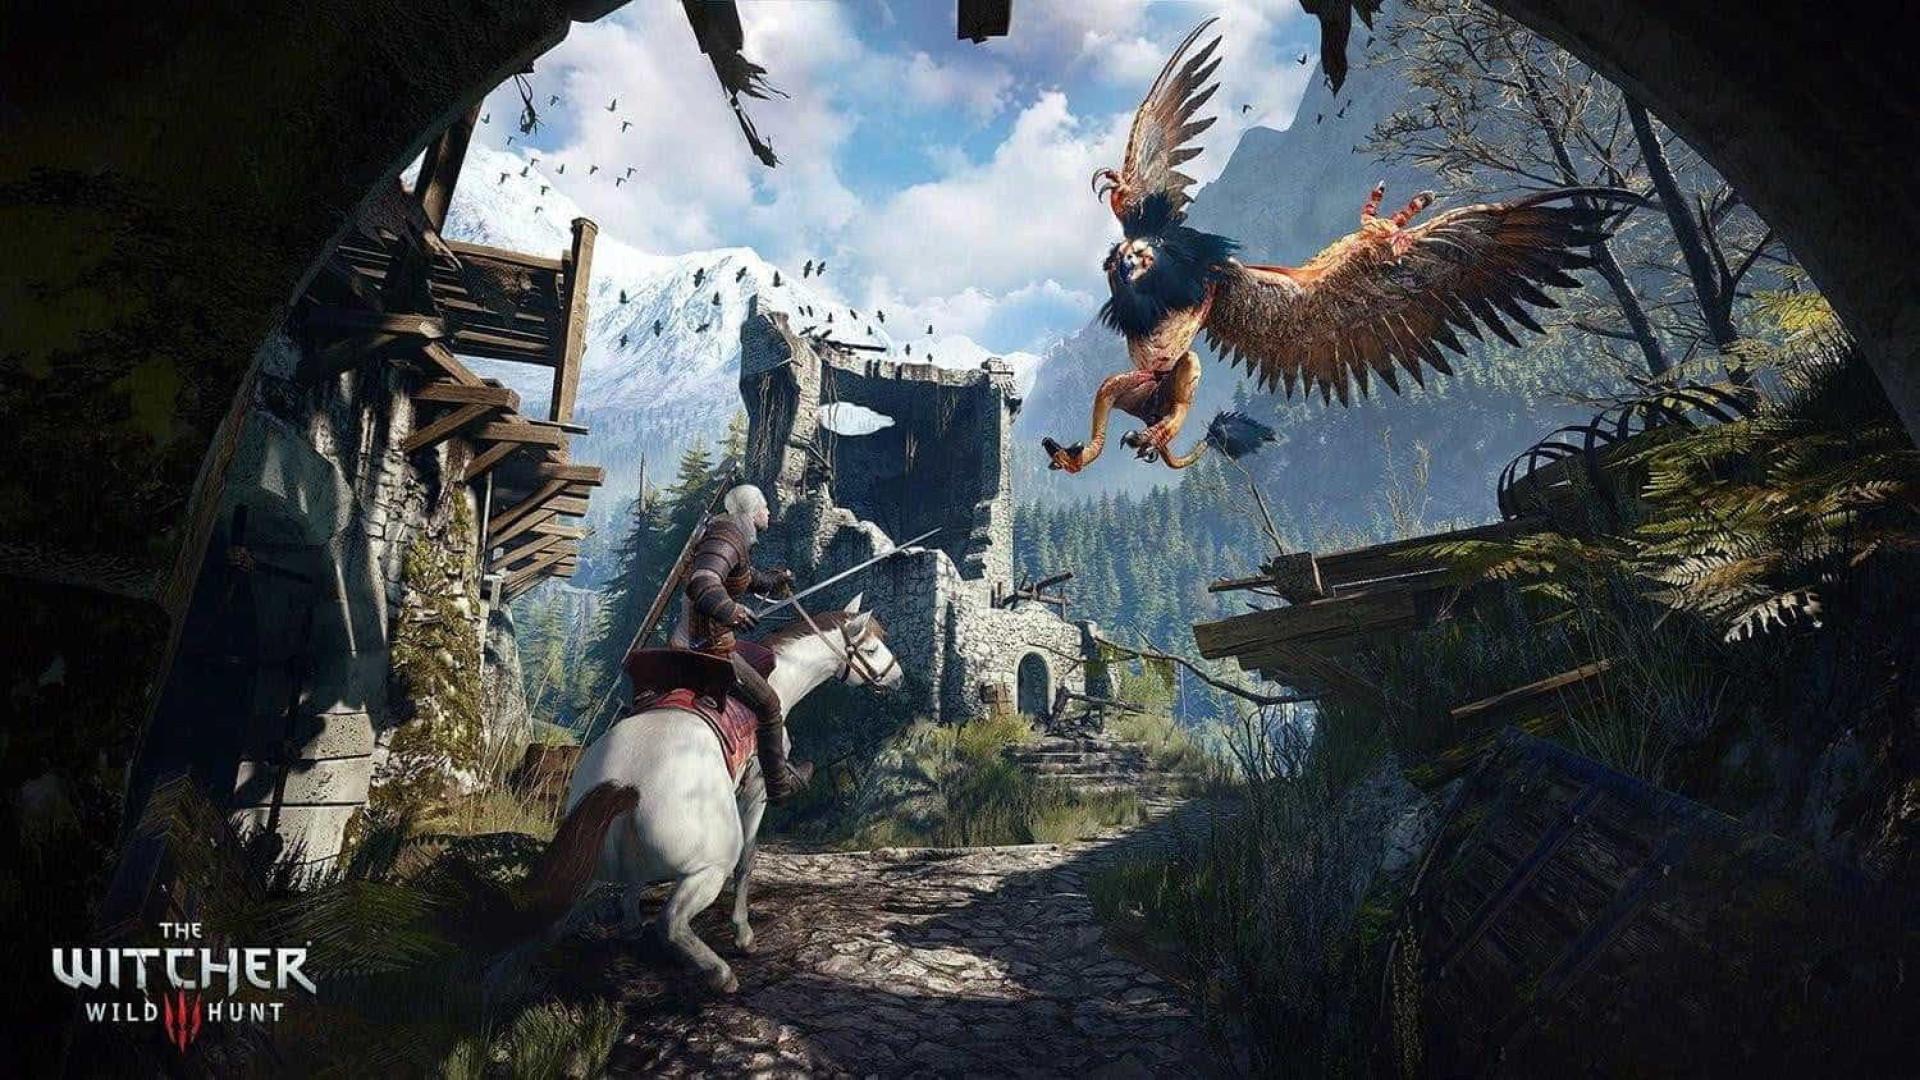 Steam: Fique a conhecer os jogos mais vendidos de 2017